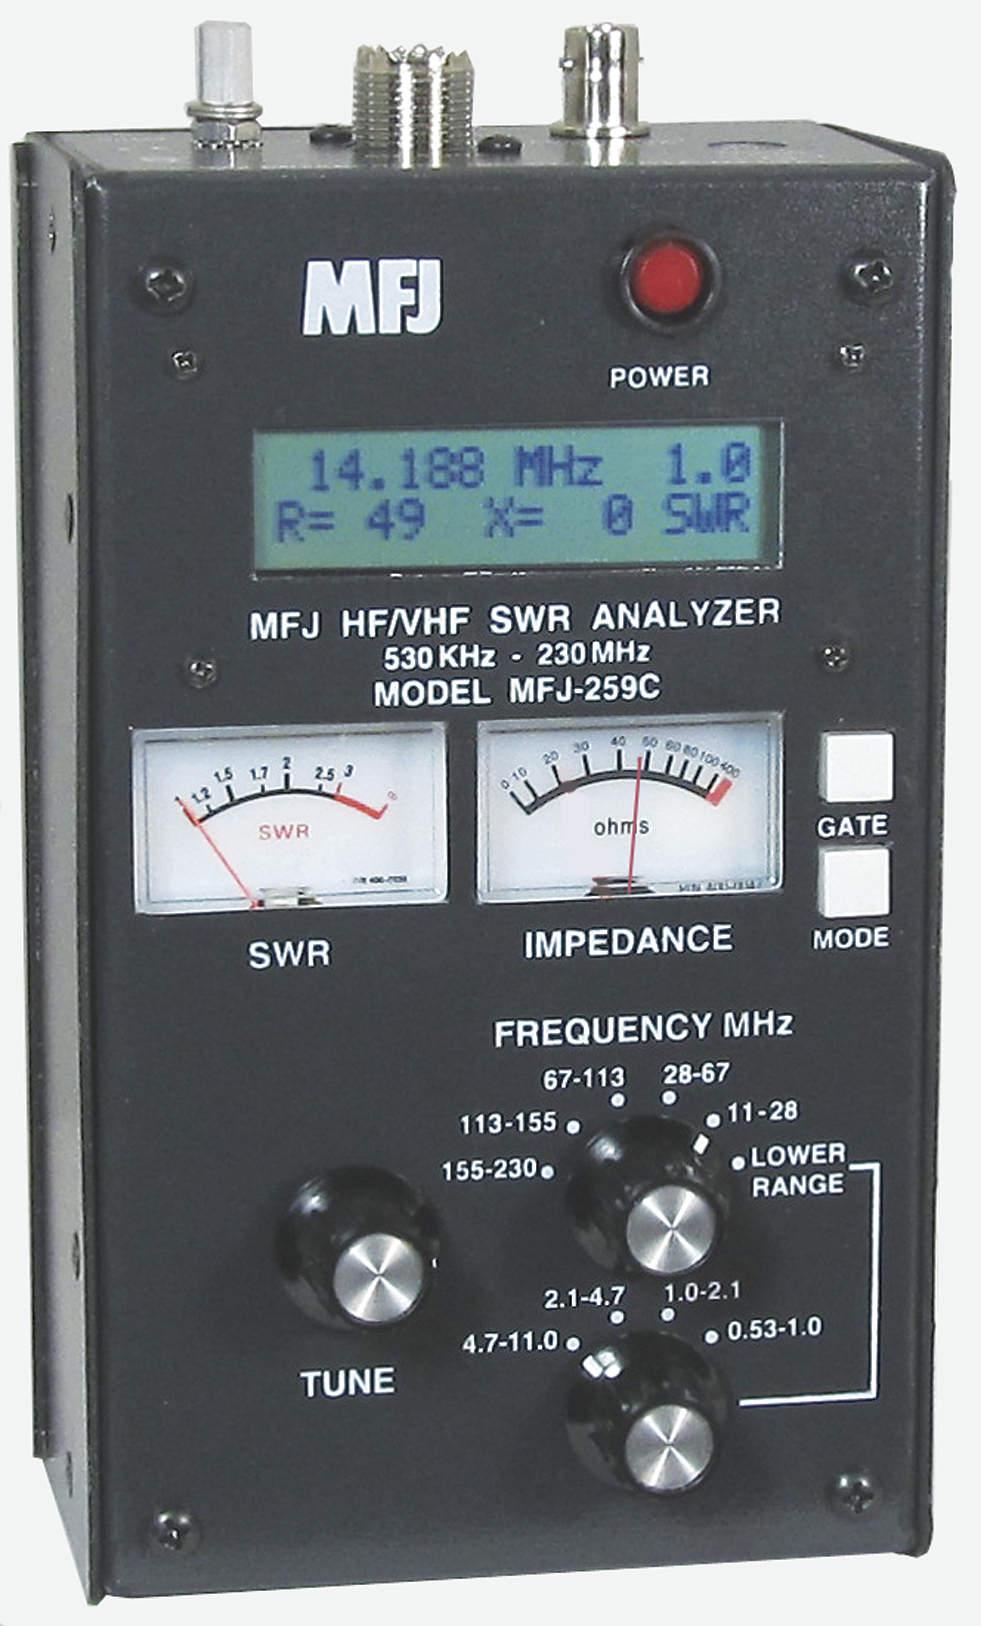 #1 MFJ-259C SWR Analyzer